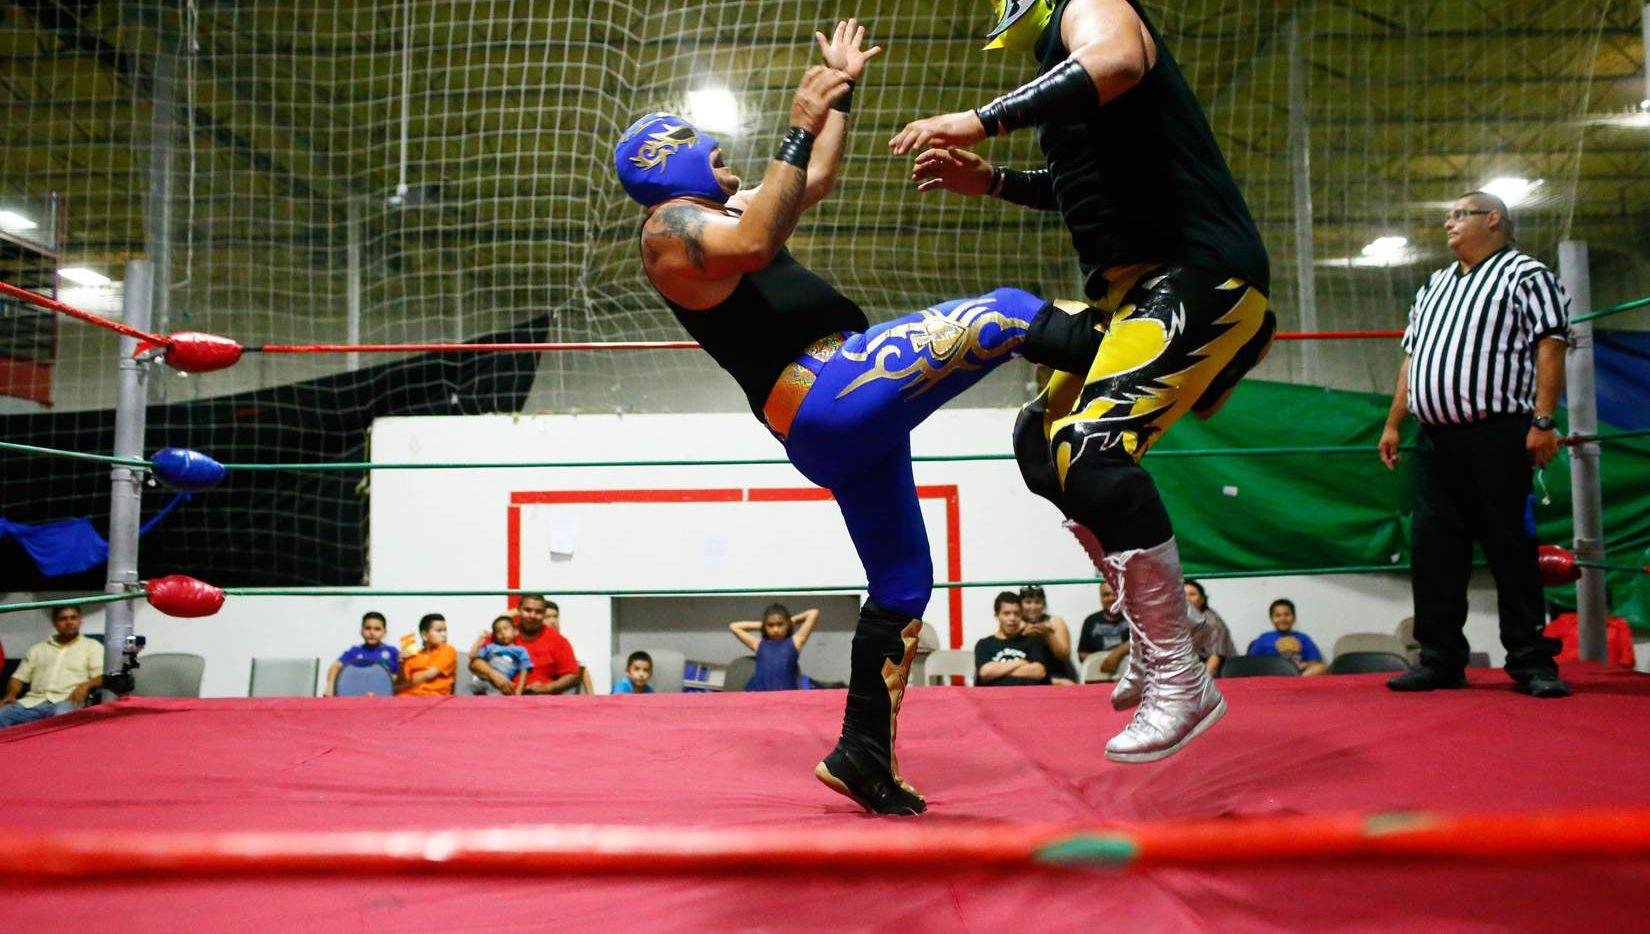 El As de Oro patea a Maligno durante un combate de Lucha Libre en el Indoor Soccer Zone, en el sur de Dallas. (Nathan Hunsinger/DMN)